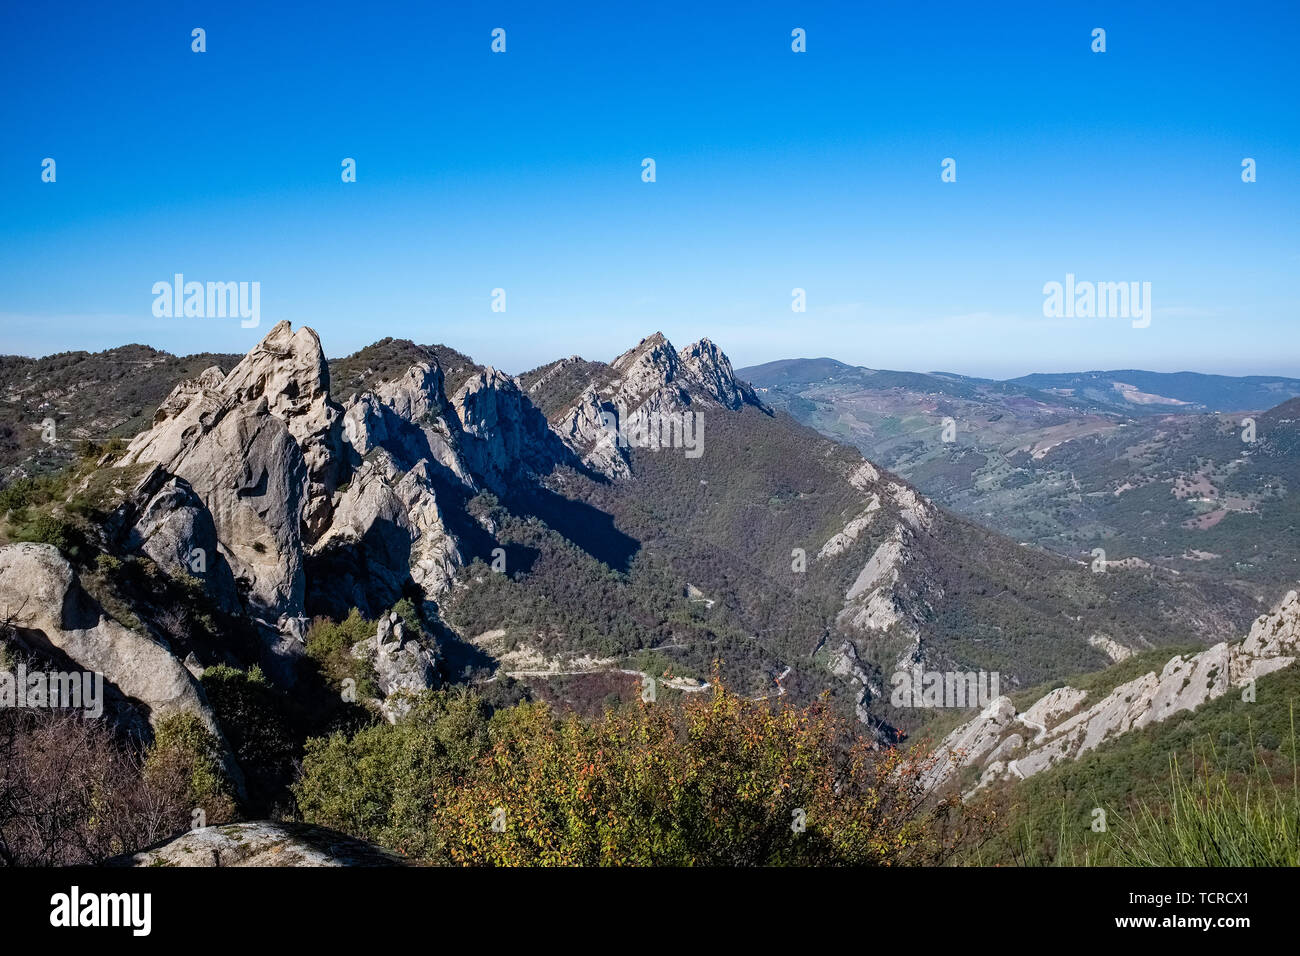 Landscape of Dolomites of Basilicata mountains called Dolomiti Lucane. Basilicata region, Italy - Stock Image